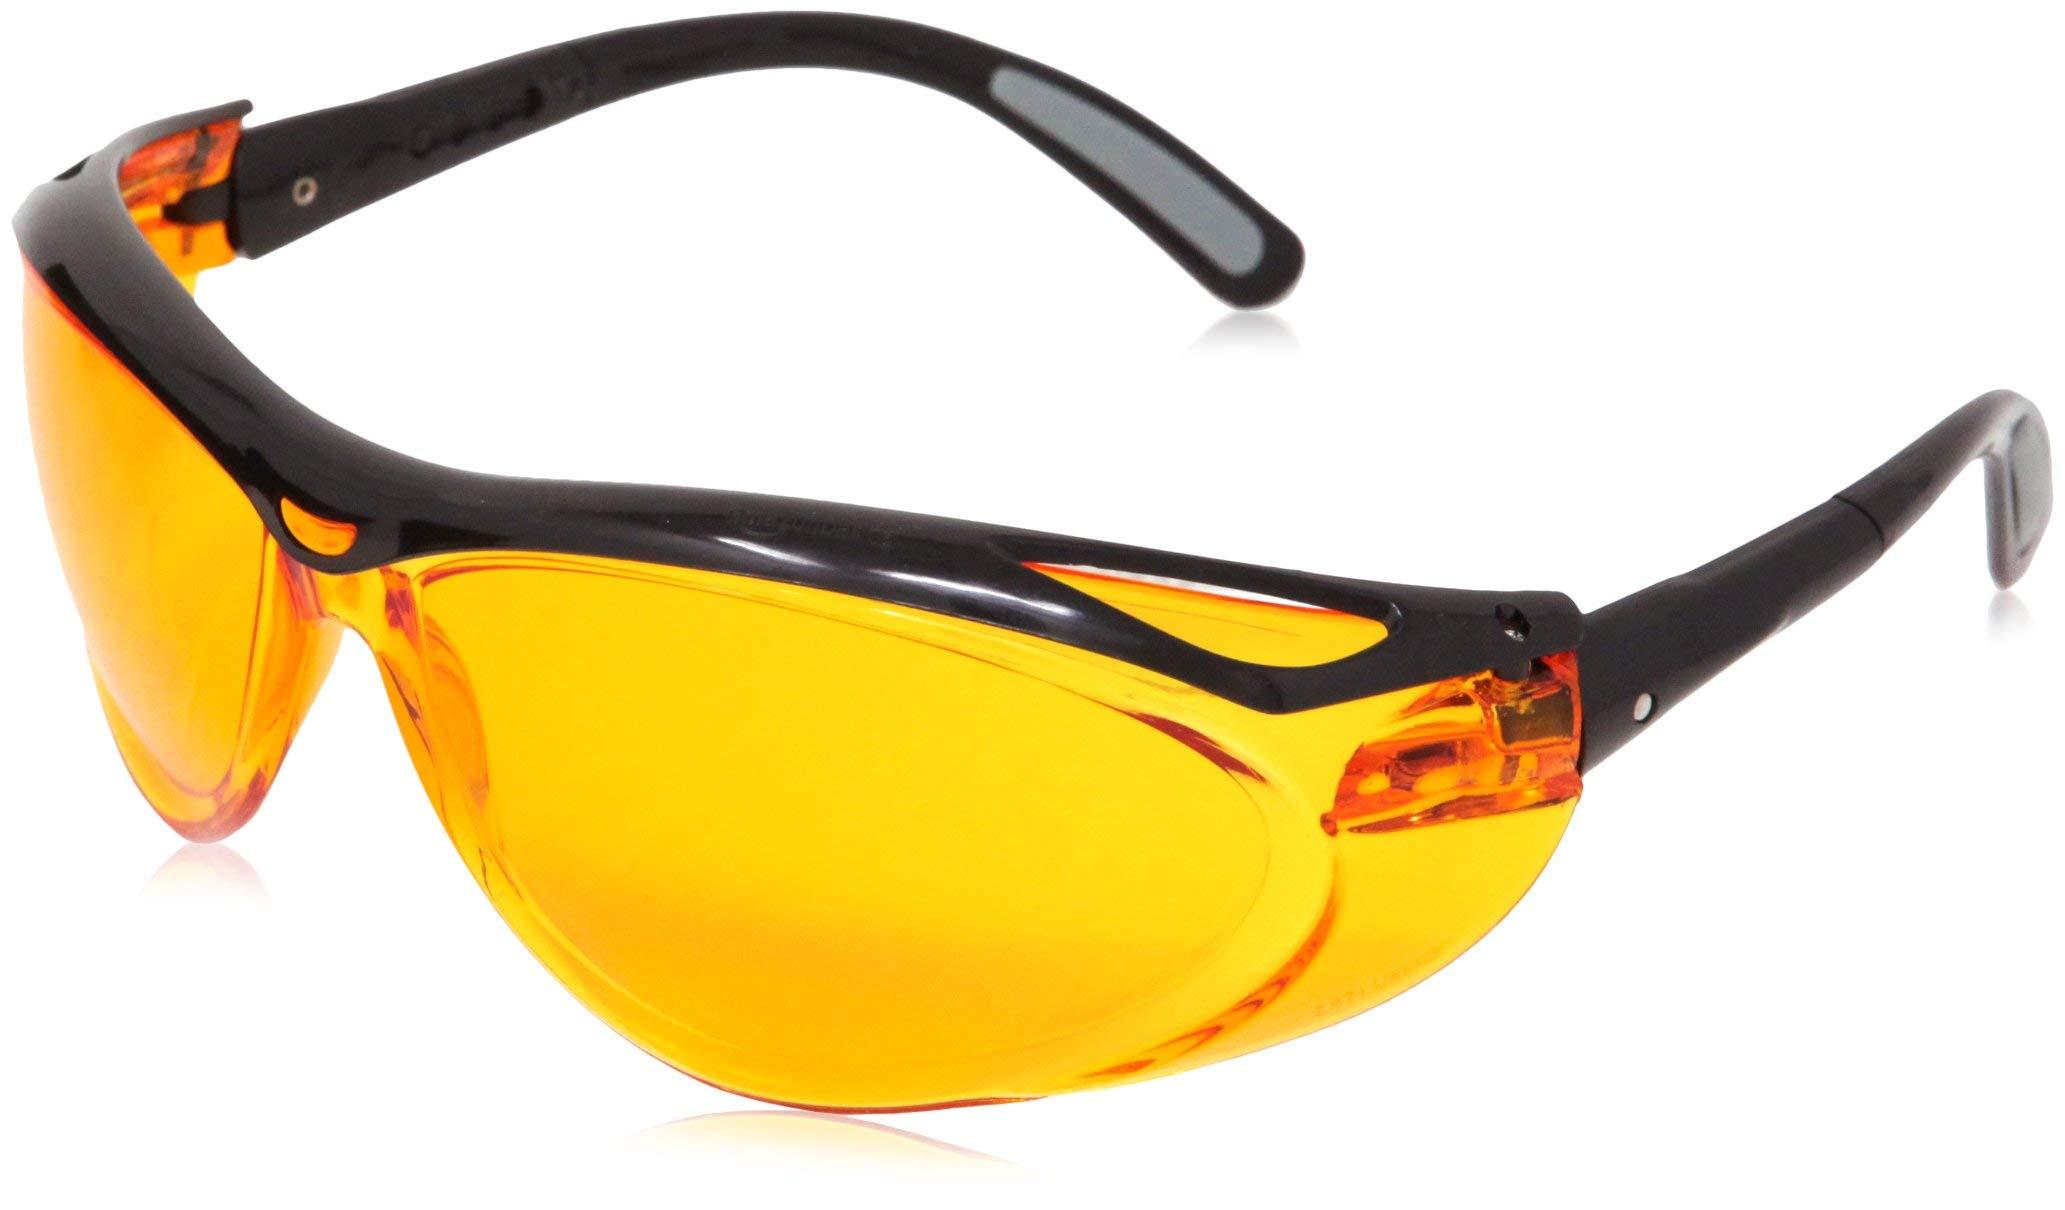 AmazonBasics Blue Light Blocking Safety Glasses, Anti-Fog, Orange Lens, 12-Count by AmazonBasics (Image #5)